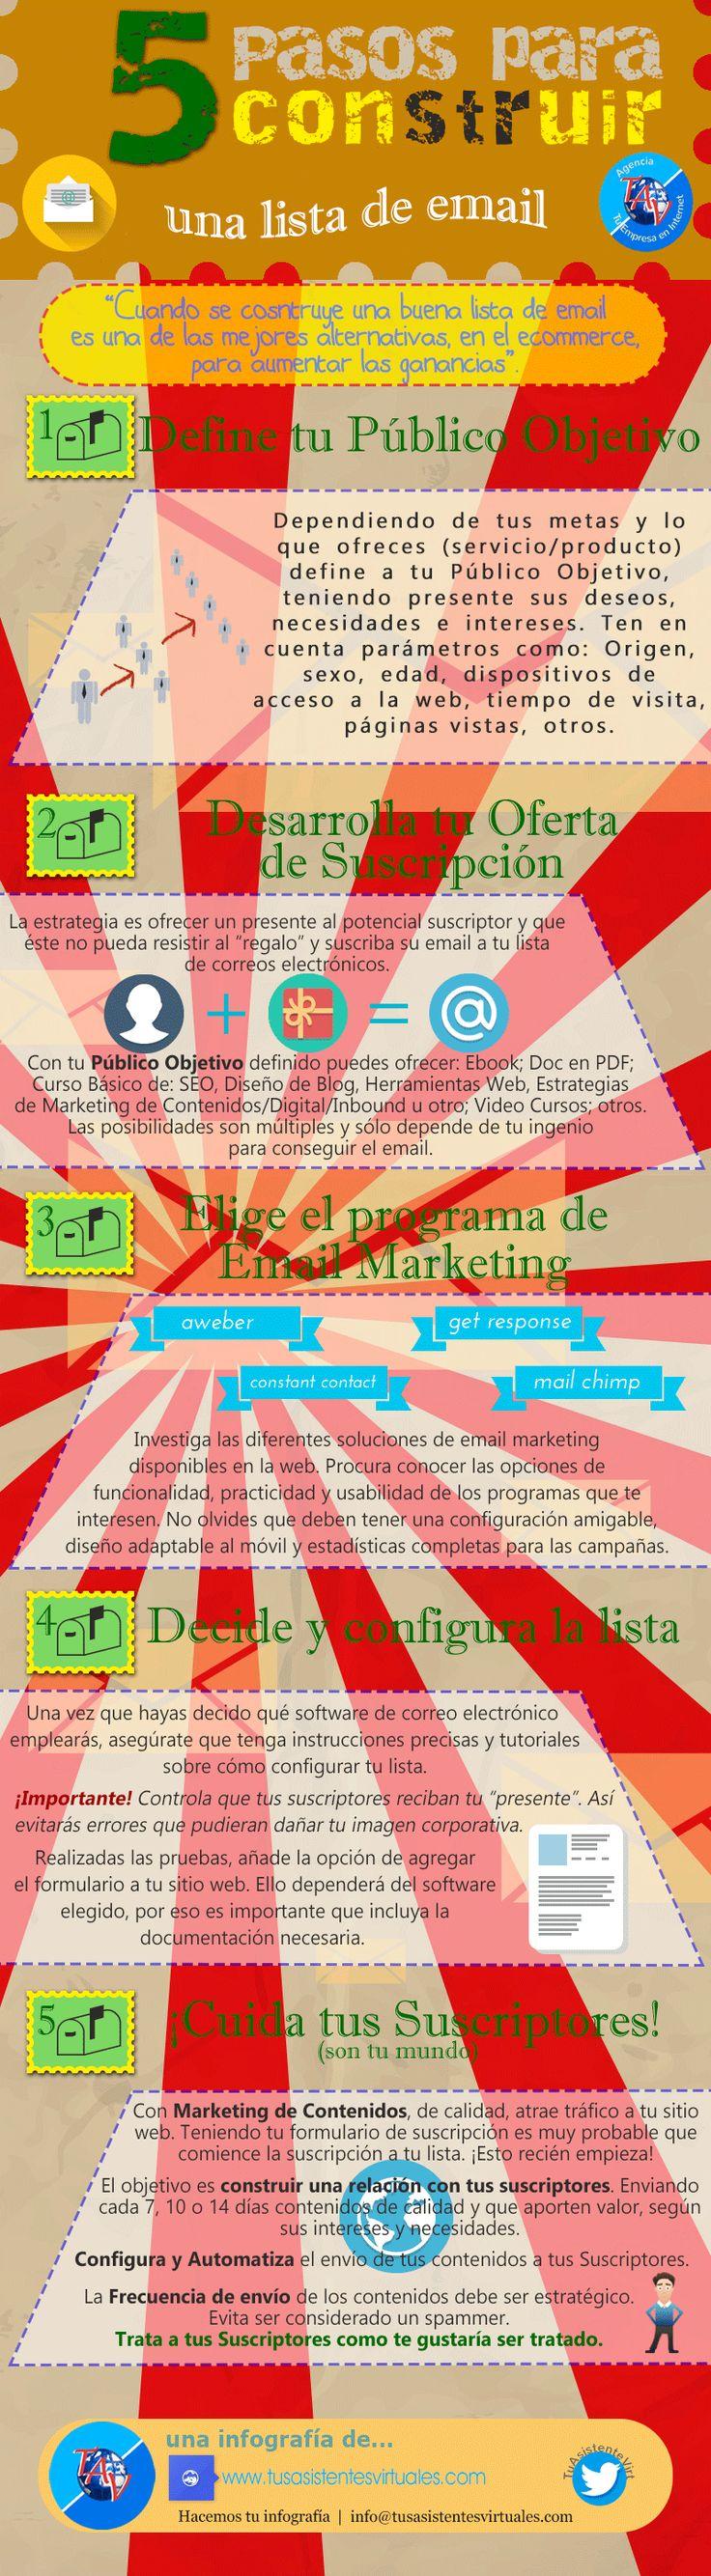 5 pasos para crear un lista de email marketing #infografia #infographic #marketing   TICs y Formación